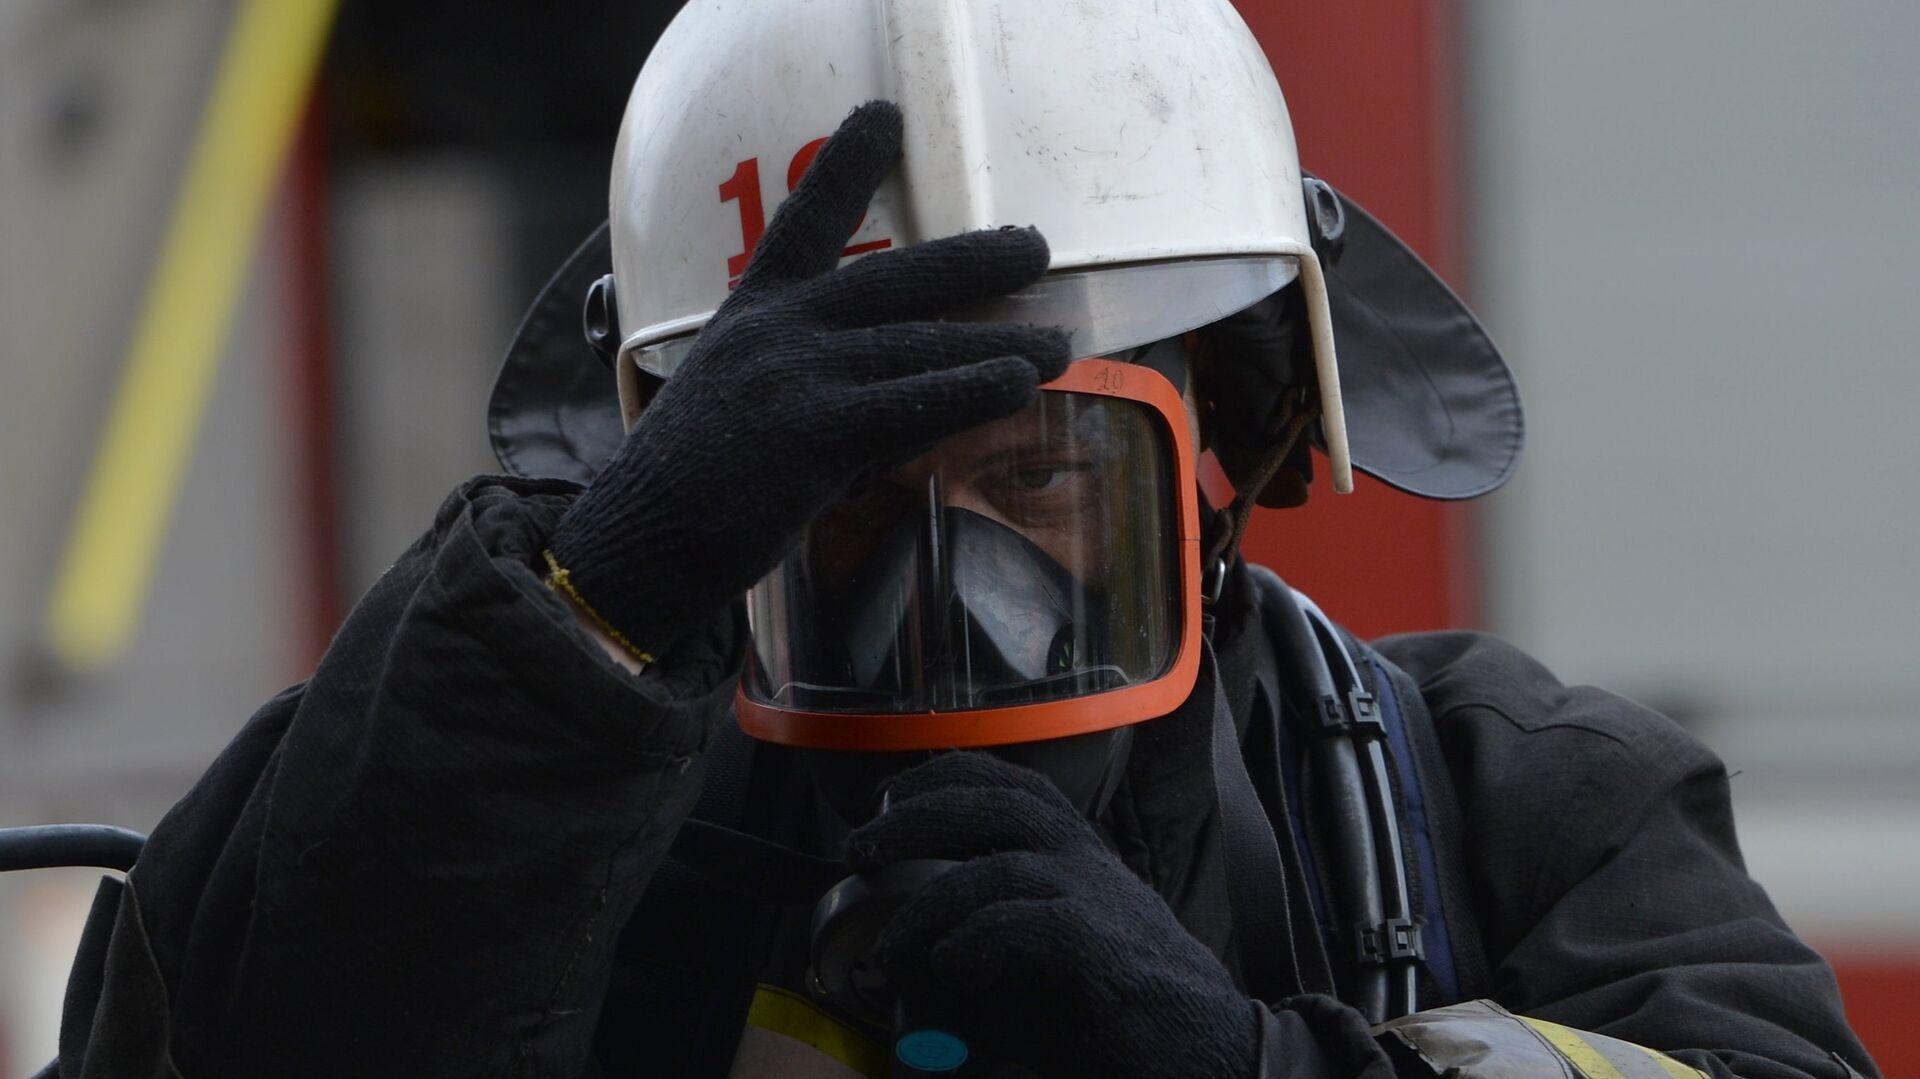 При пожаре в Новой Москве погиб ребенок - 21.02.2021